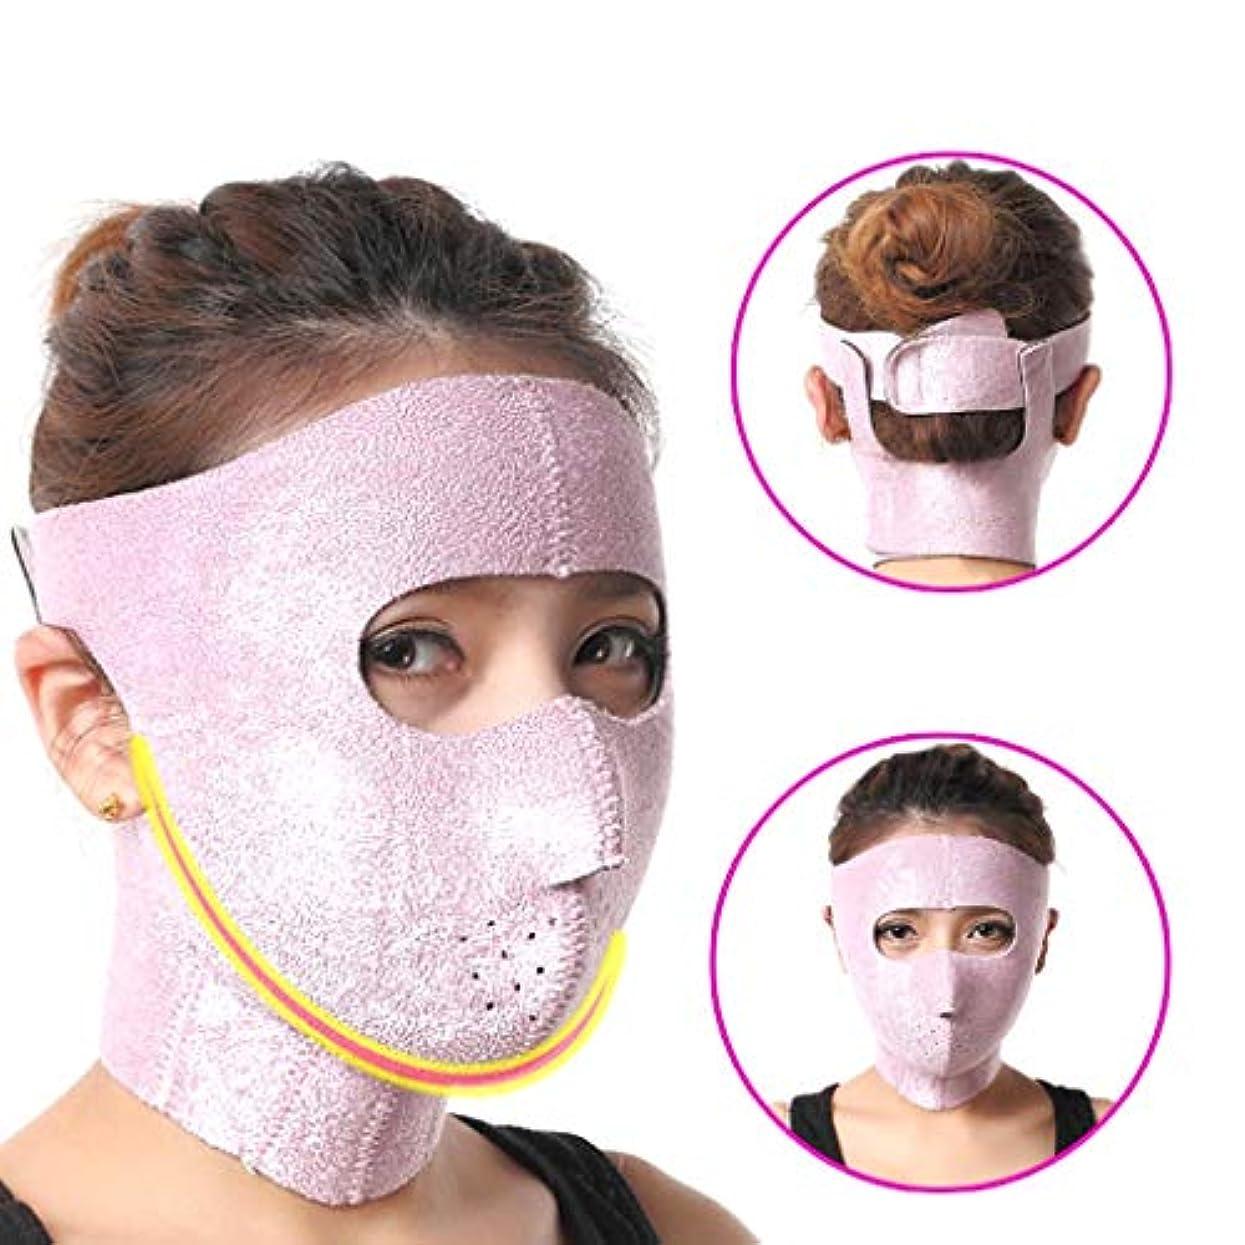 ロンドン復活十代薄いあご修正ツール、顔リフティングマスク、リフティングファーミング、Vフェイシャルマスク、改良された咬筋二重あご、男性と女性の両方に適しています